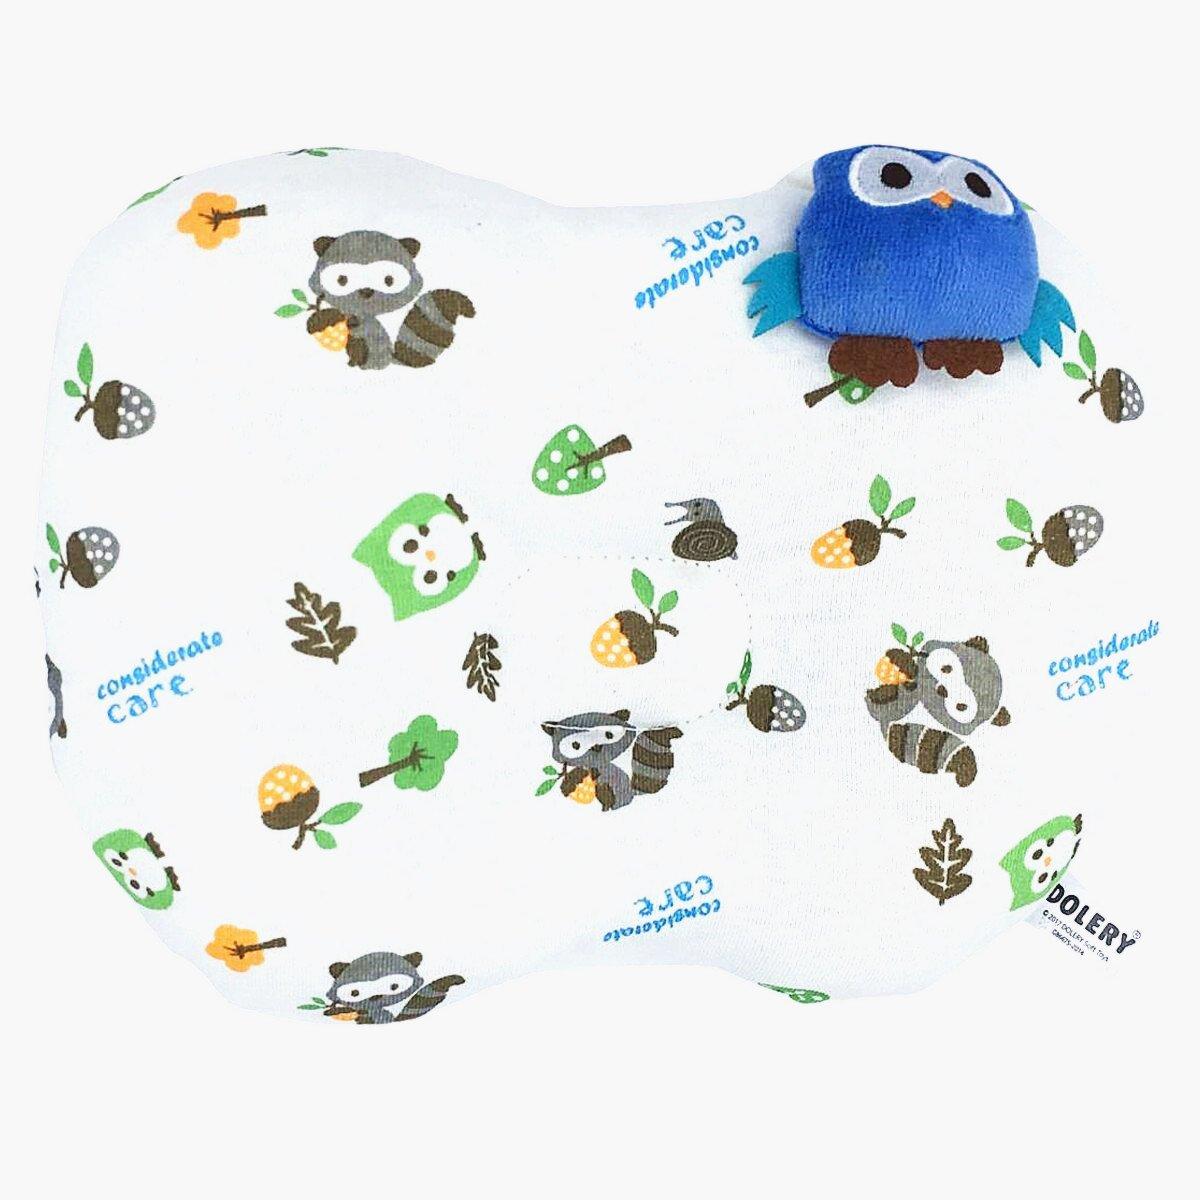 【期間限定送料無料】 旅行授乳枕、スリップオンアーム看護枕ベビー用、100%コットンカバー(ピンク) (青) 青 (青) B07DHRXZLX 青 B07DHRXZLX, ほんわか日和:378e4a2c --- arianechie.dominiotemporario.com